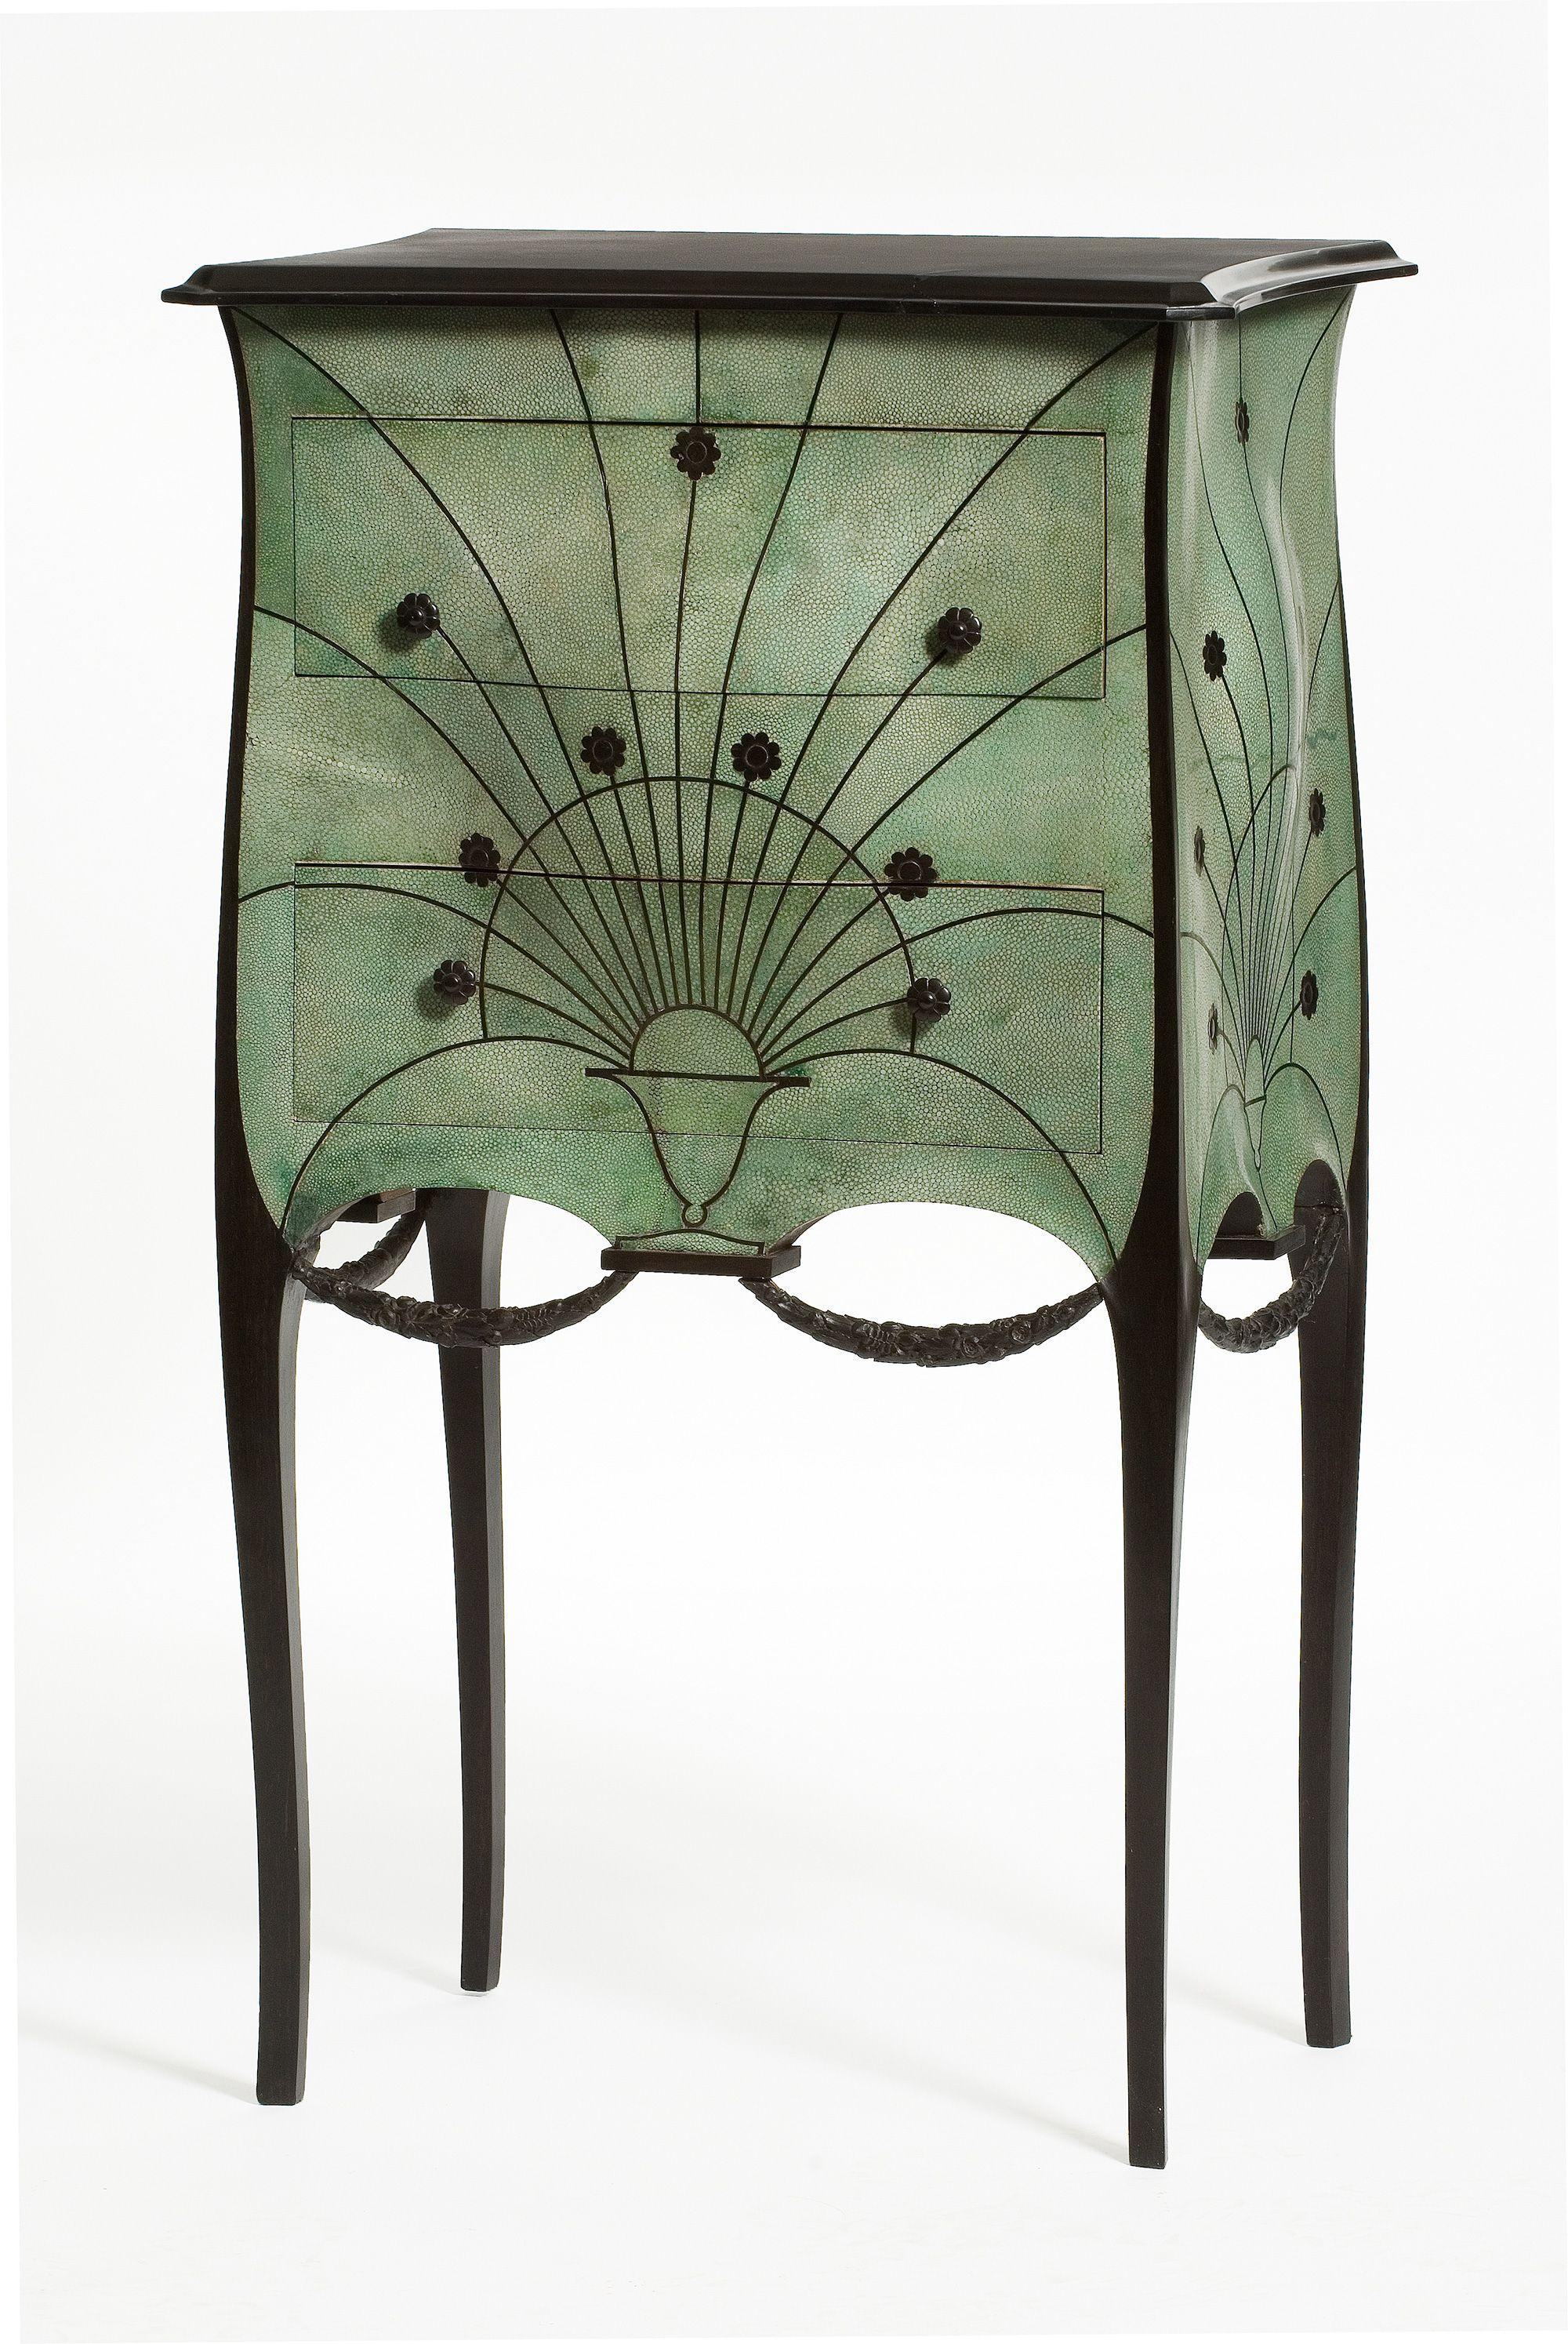 Art nouveau / Art déco   DIY Furniture   Pinterest   DIY furniture